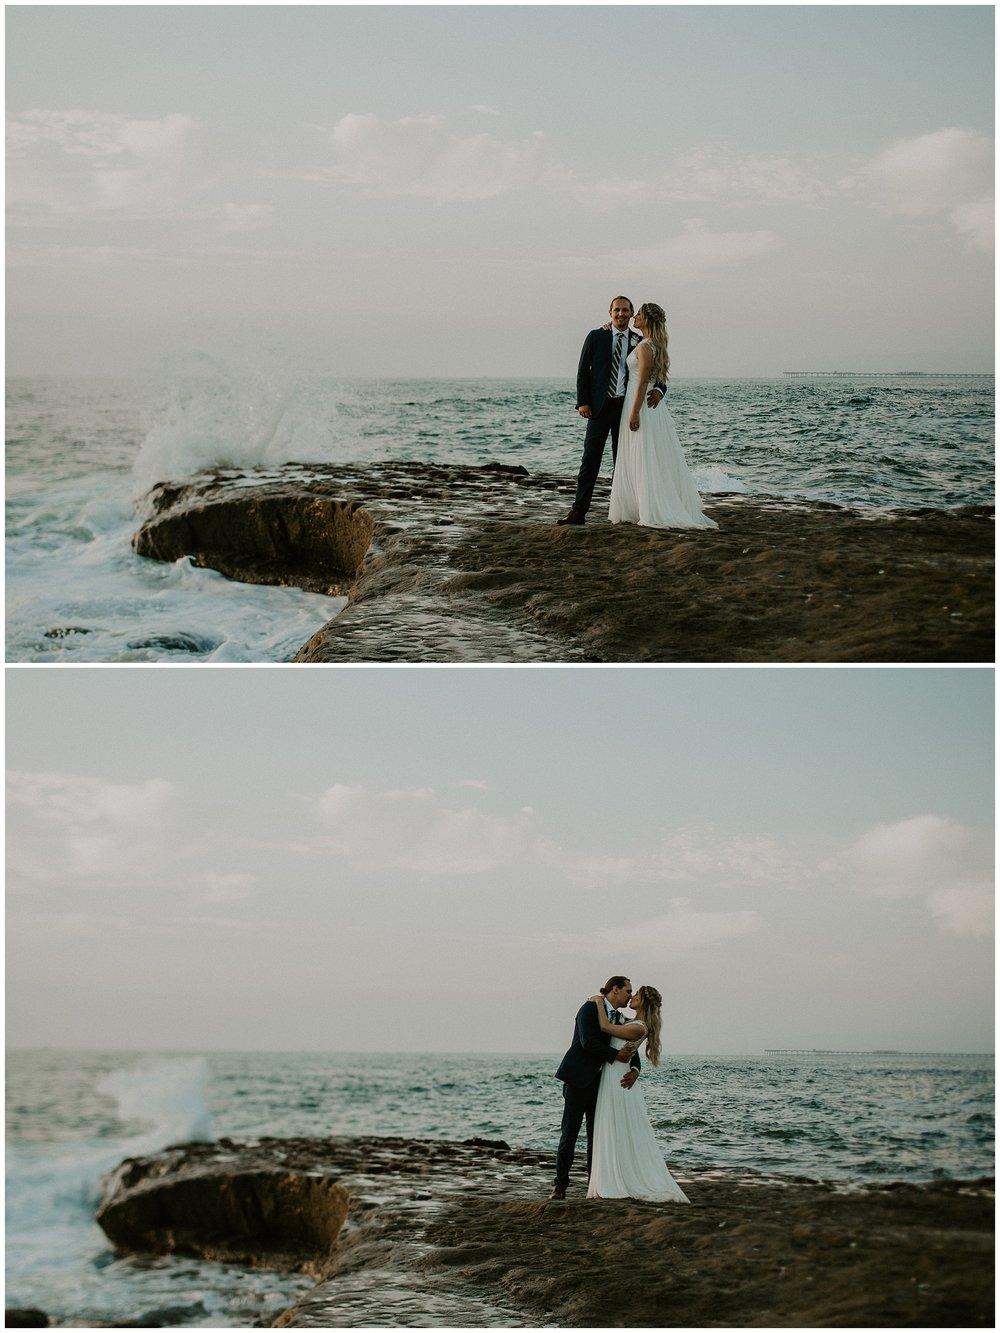 shipwreck beach elopement